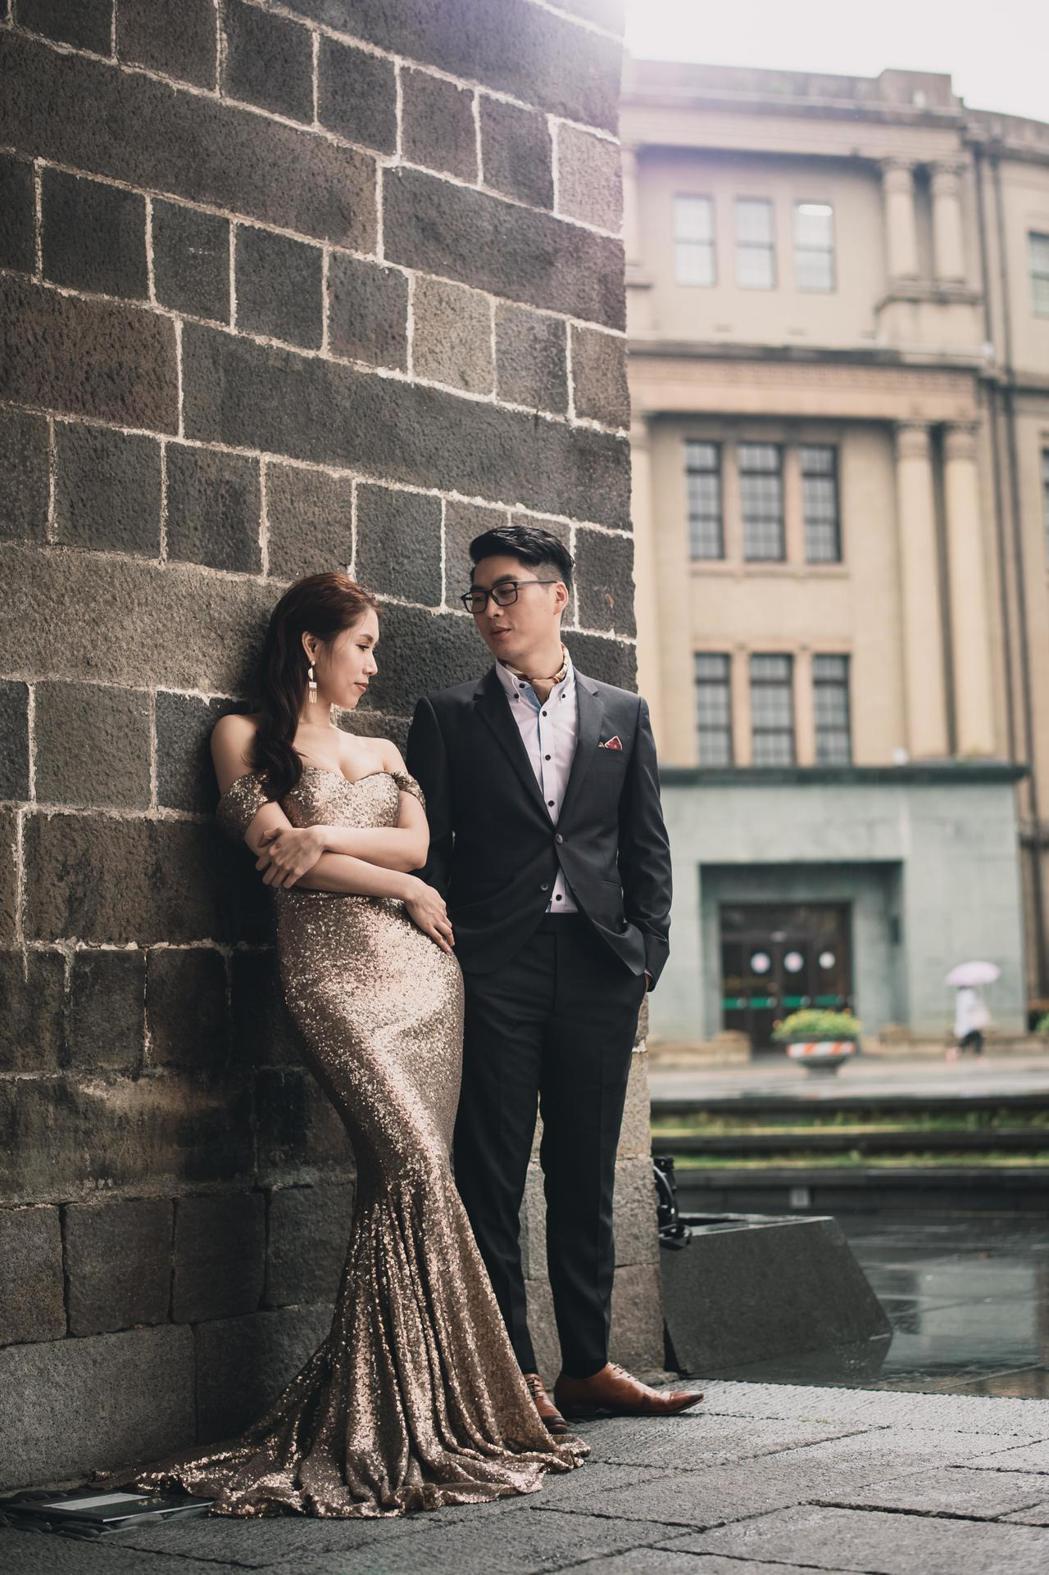 余苑綺婚紗照曝光。圖/經紀人提供